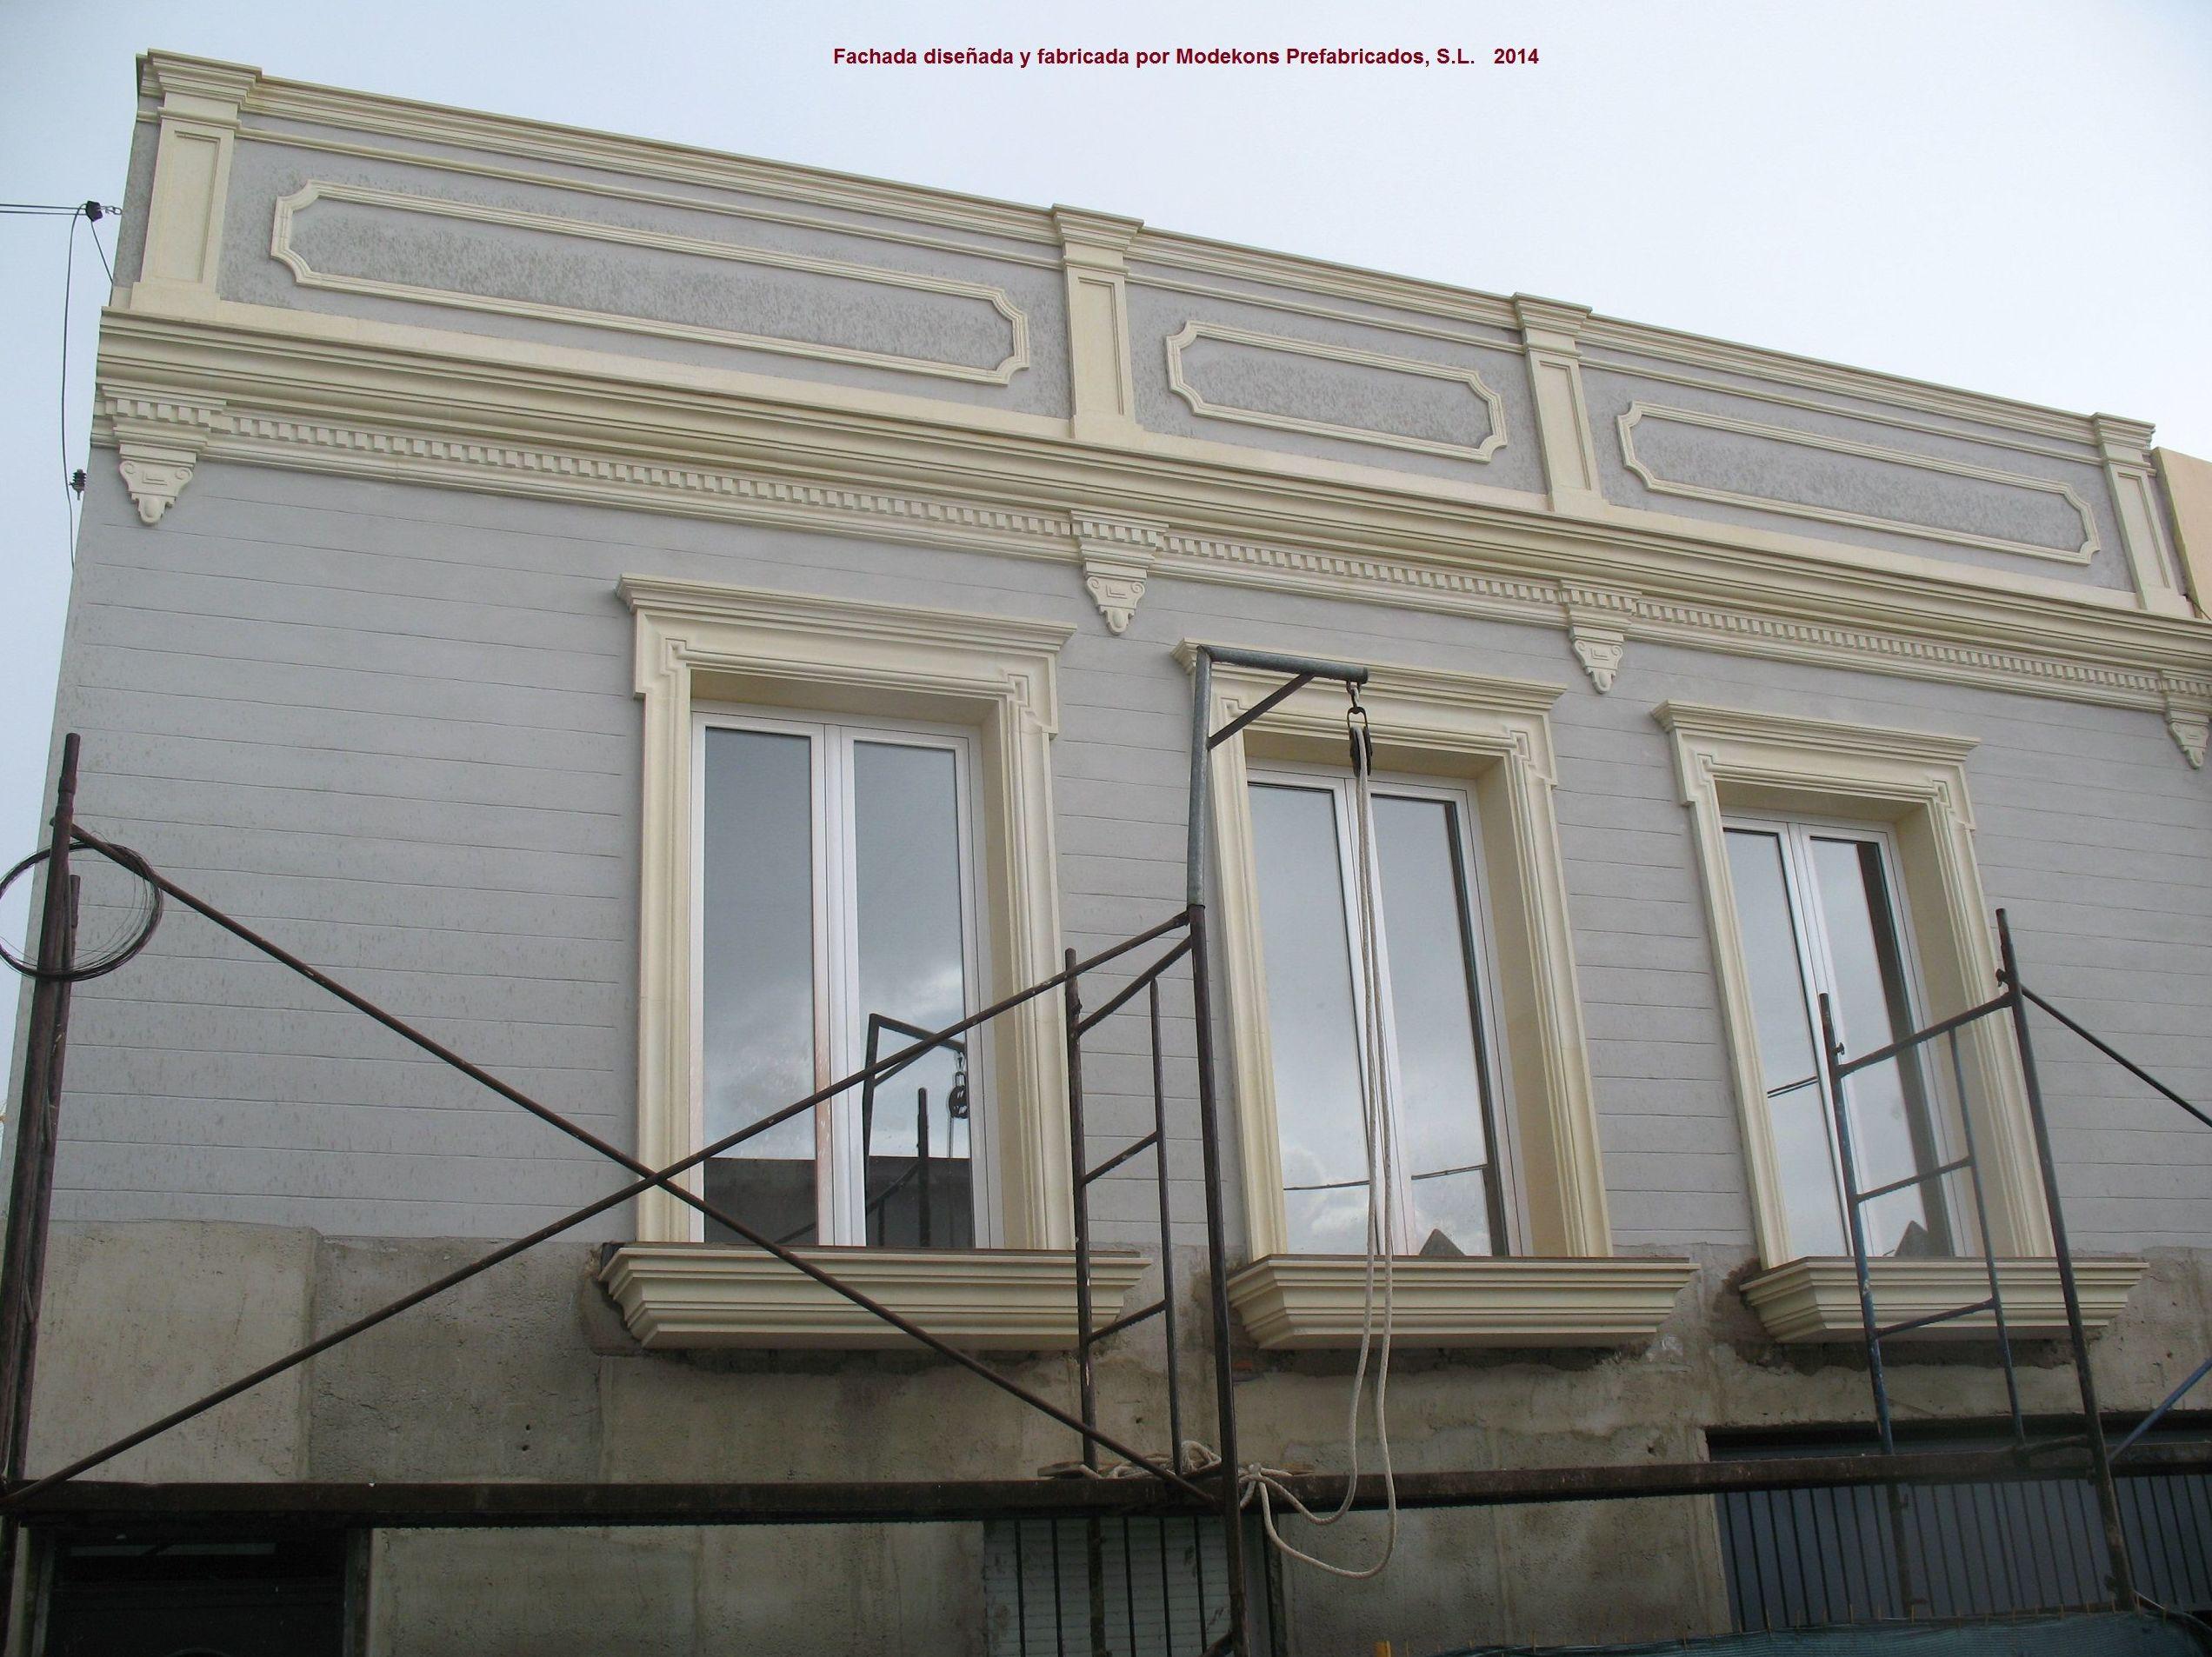 Trabajos de revestimiento de fachadas